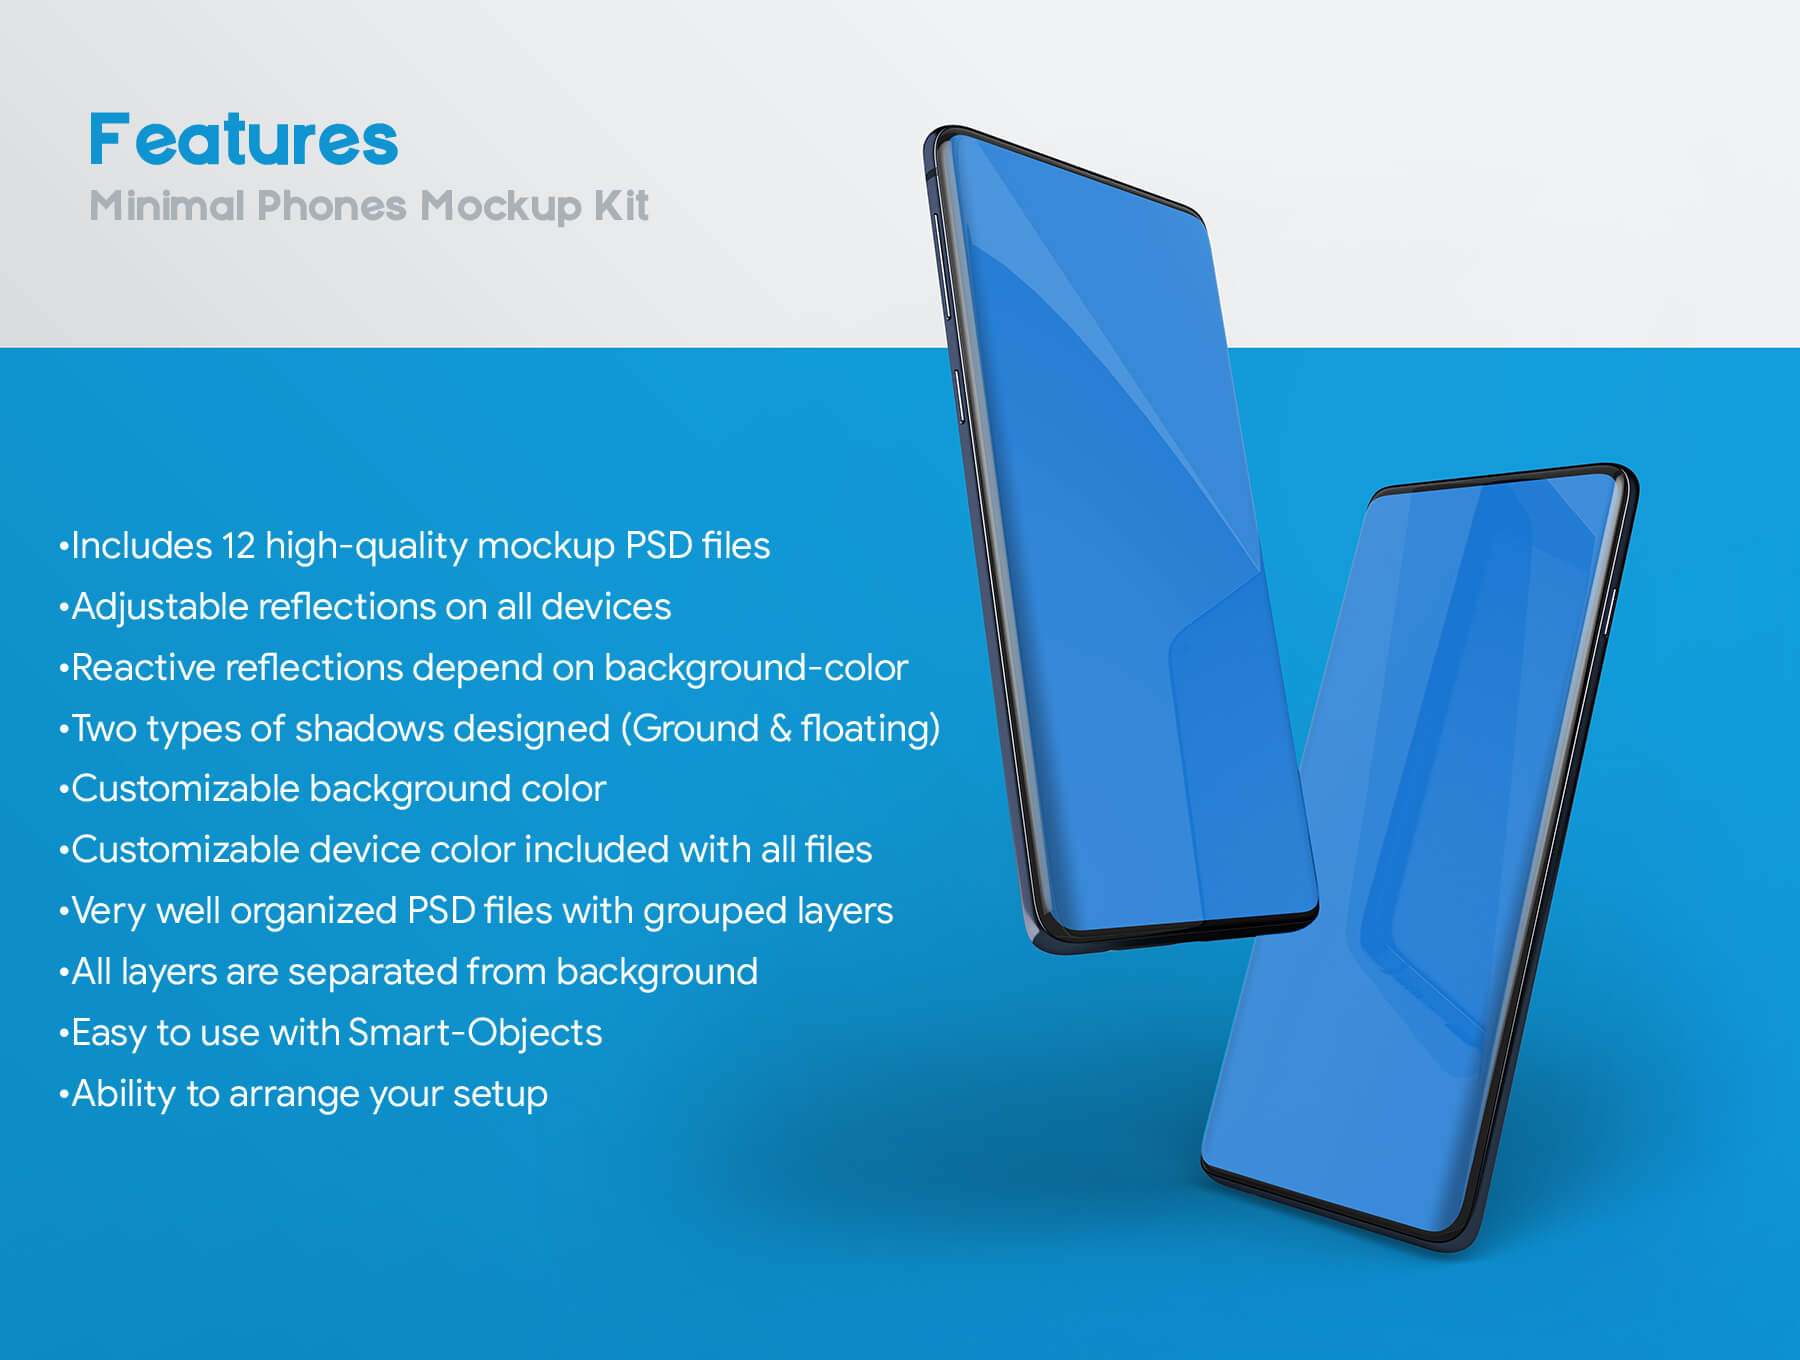 三星Galaxy S10最小电话样机套件模版素材Minimal Phones Mockup Kit插图(7)